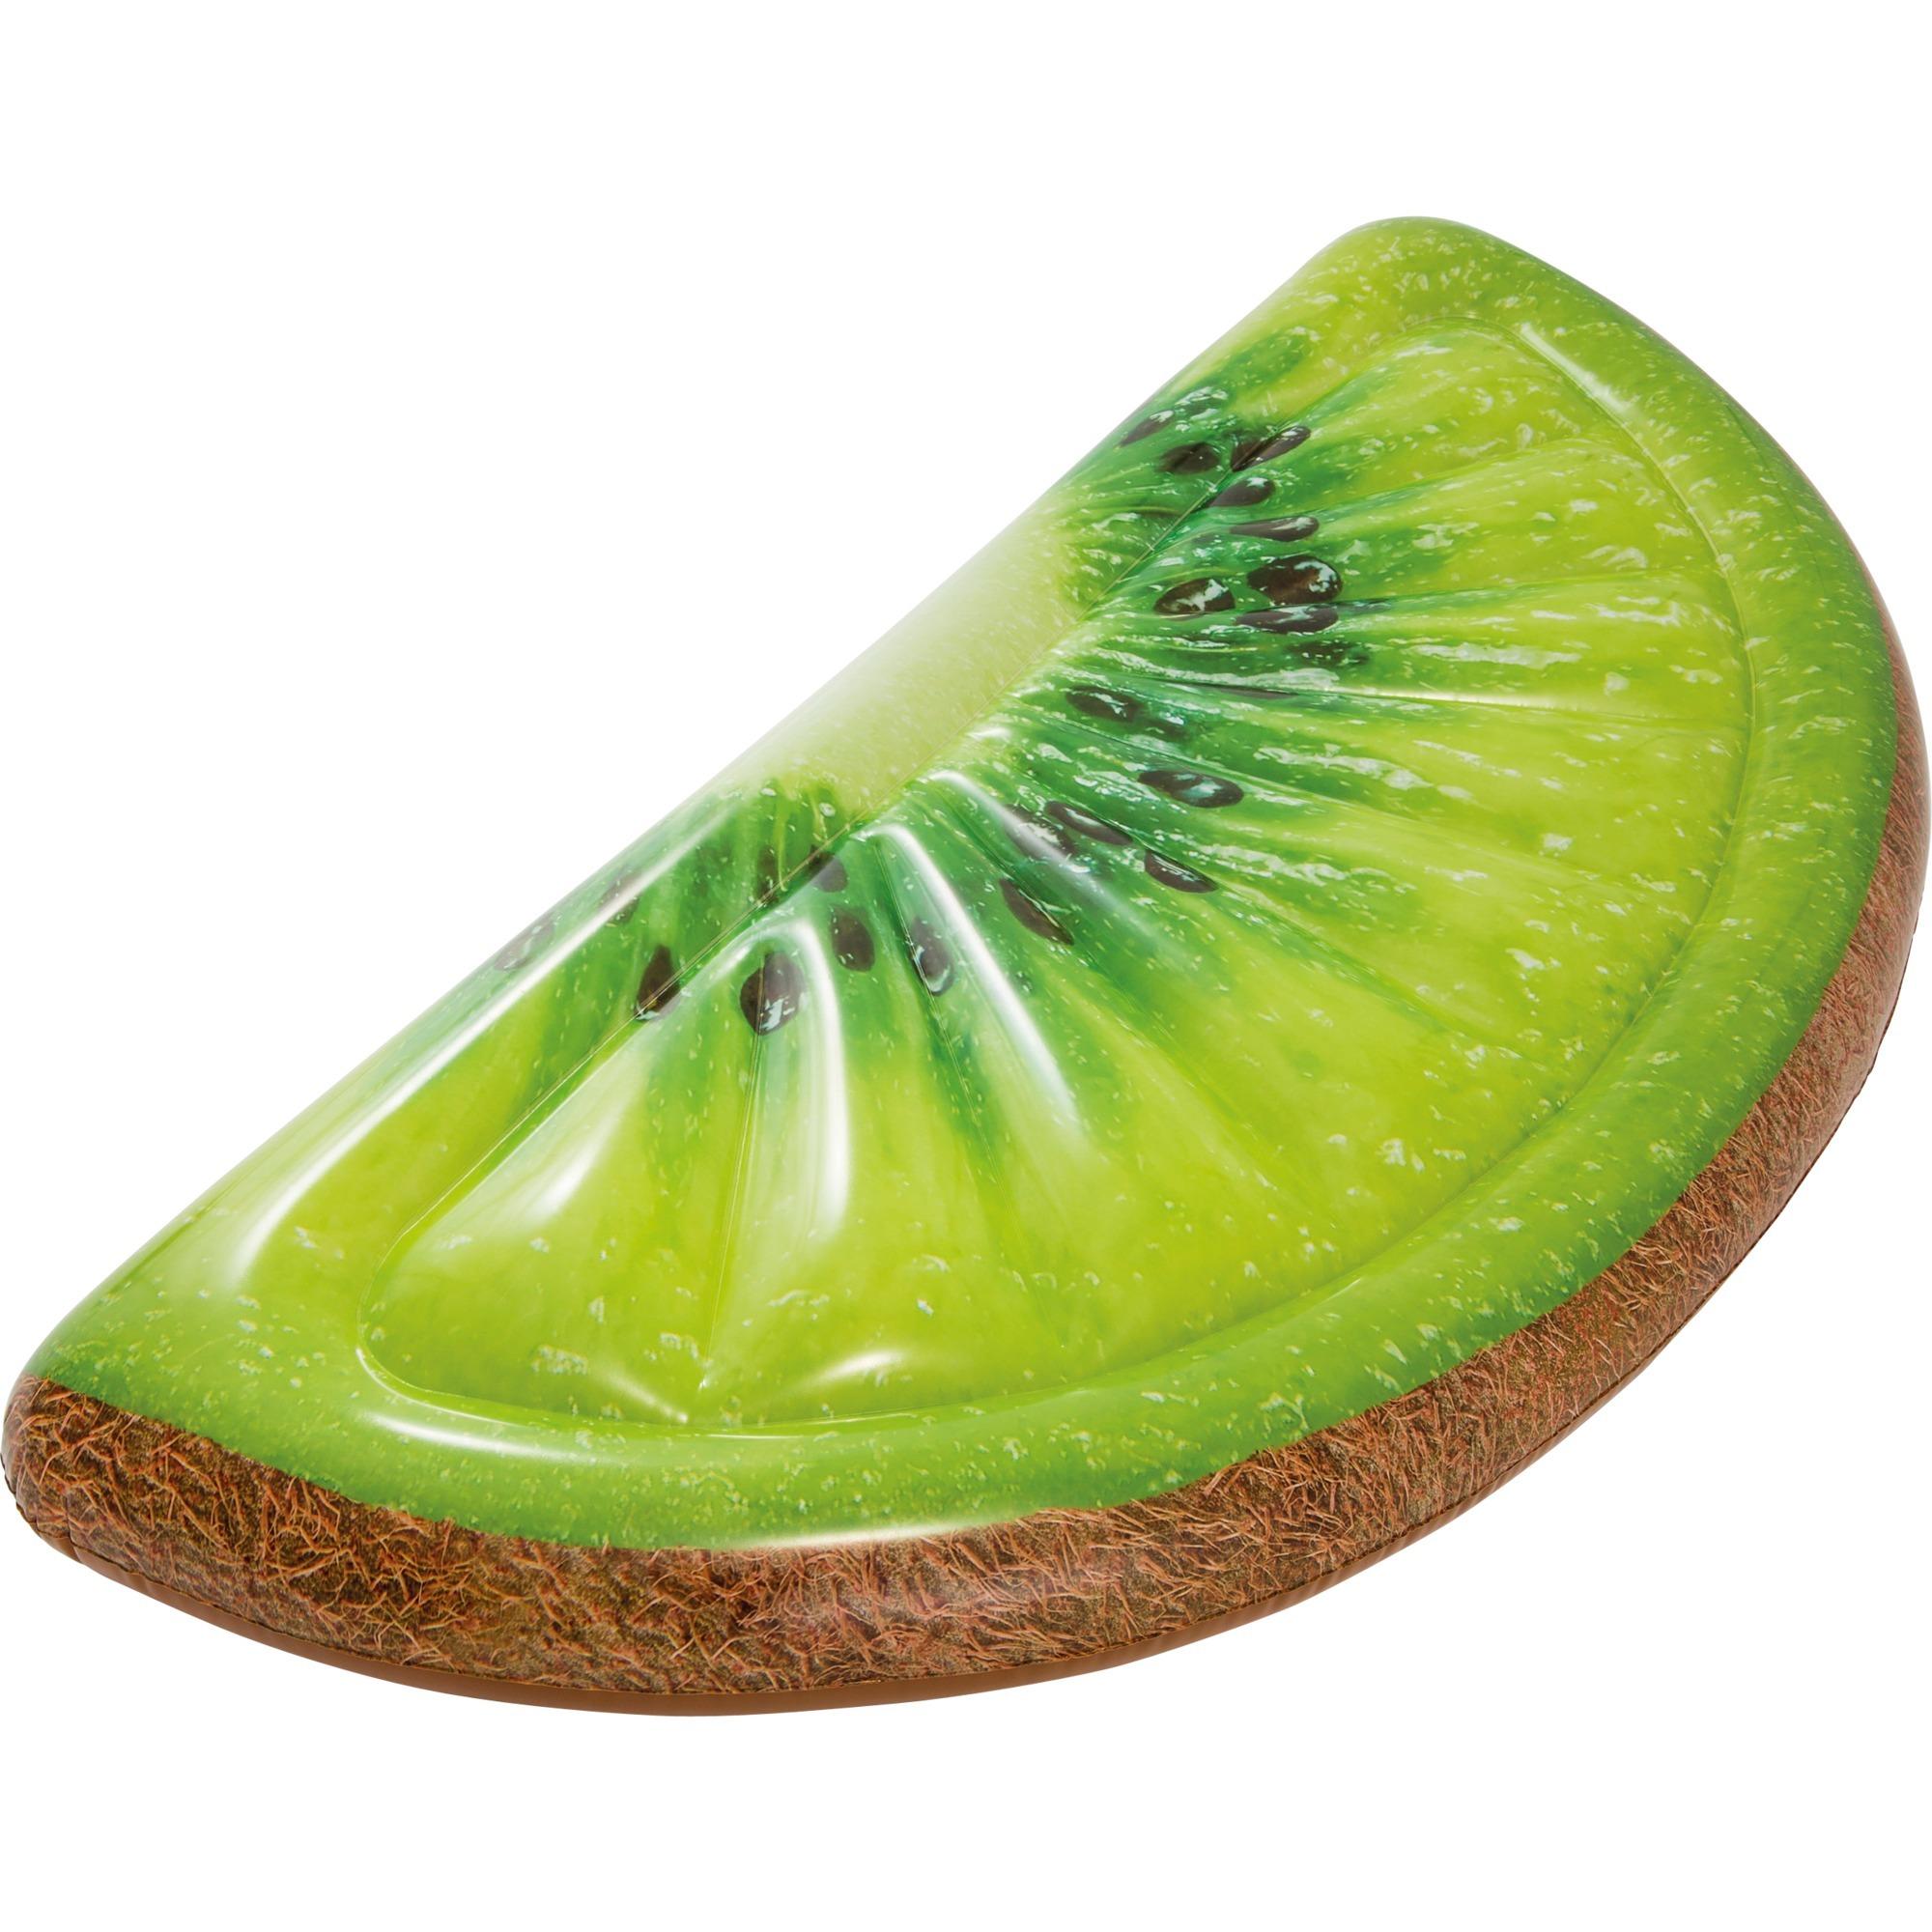 Kiwi Verde Colchón flotante, Productos de inflación